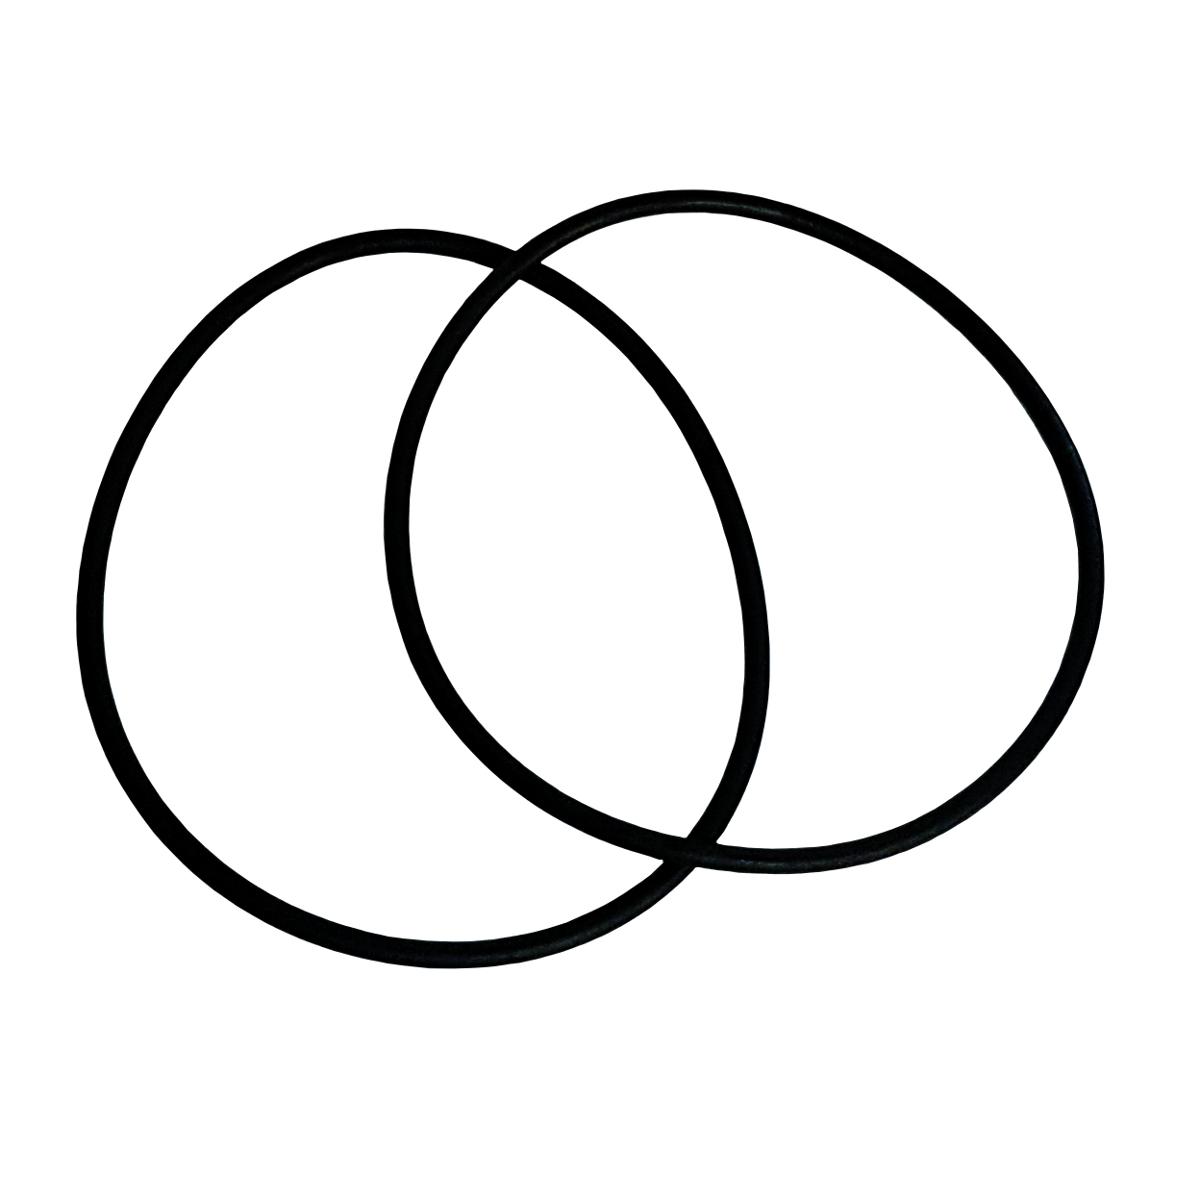 Joint de couvercle de filtre Corona, Aplister et Century | ASTRALPOOL